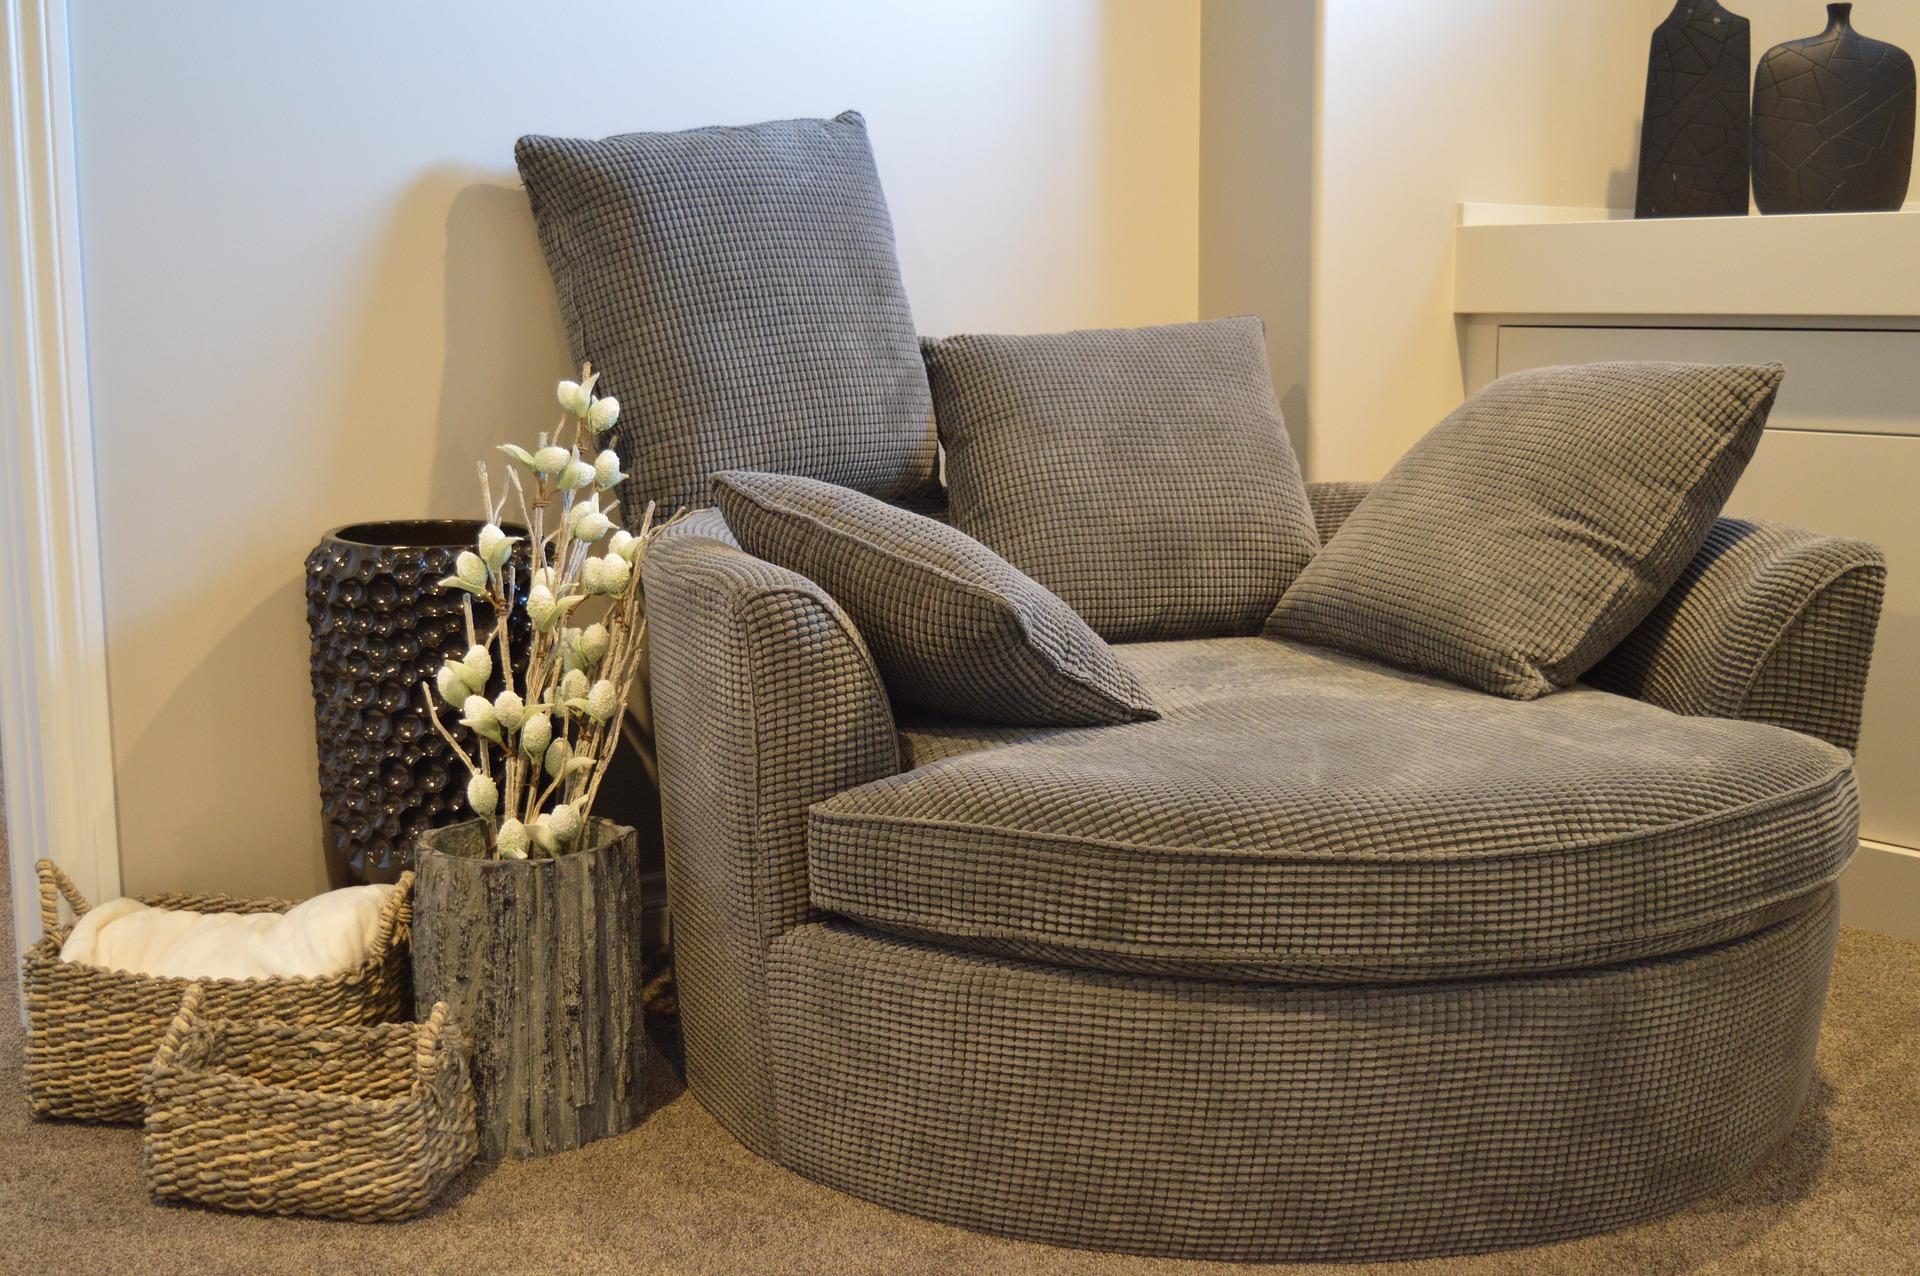 sofa-1078931_1920